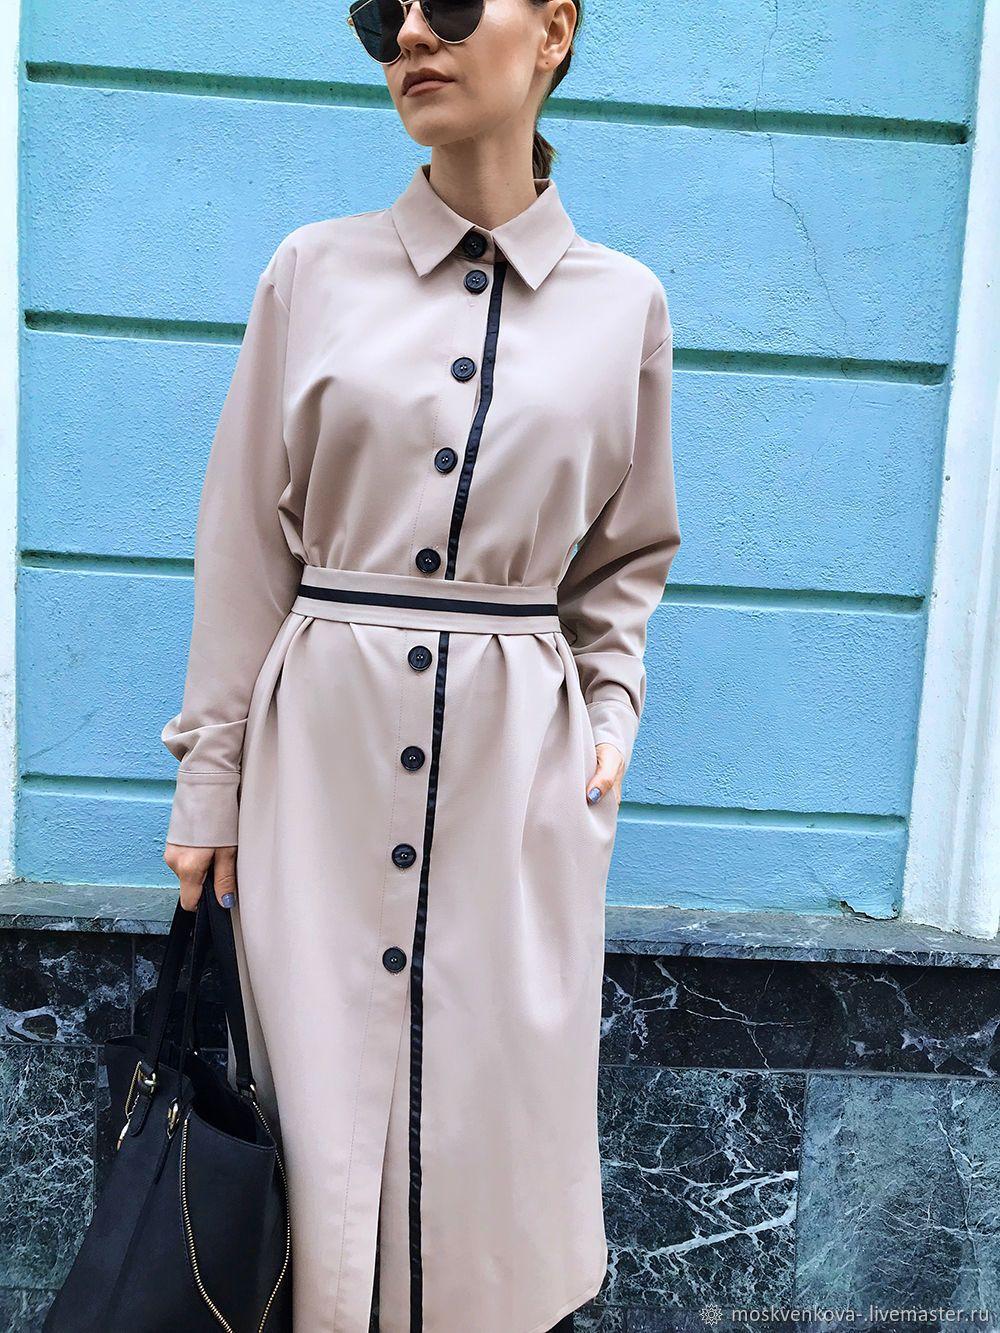 33bdef1c68a1eb0 Платье-рубашка с репсовой лентой – купить в интернет-магазине на Ярмарке  Мастеров с доставкой - GODRLRU | Москва